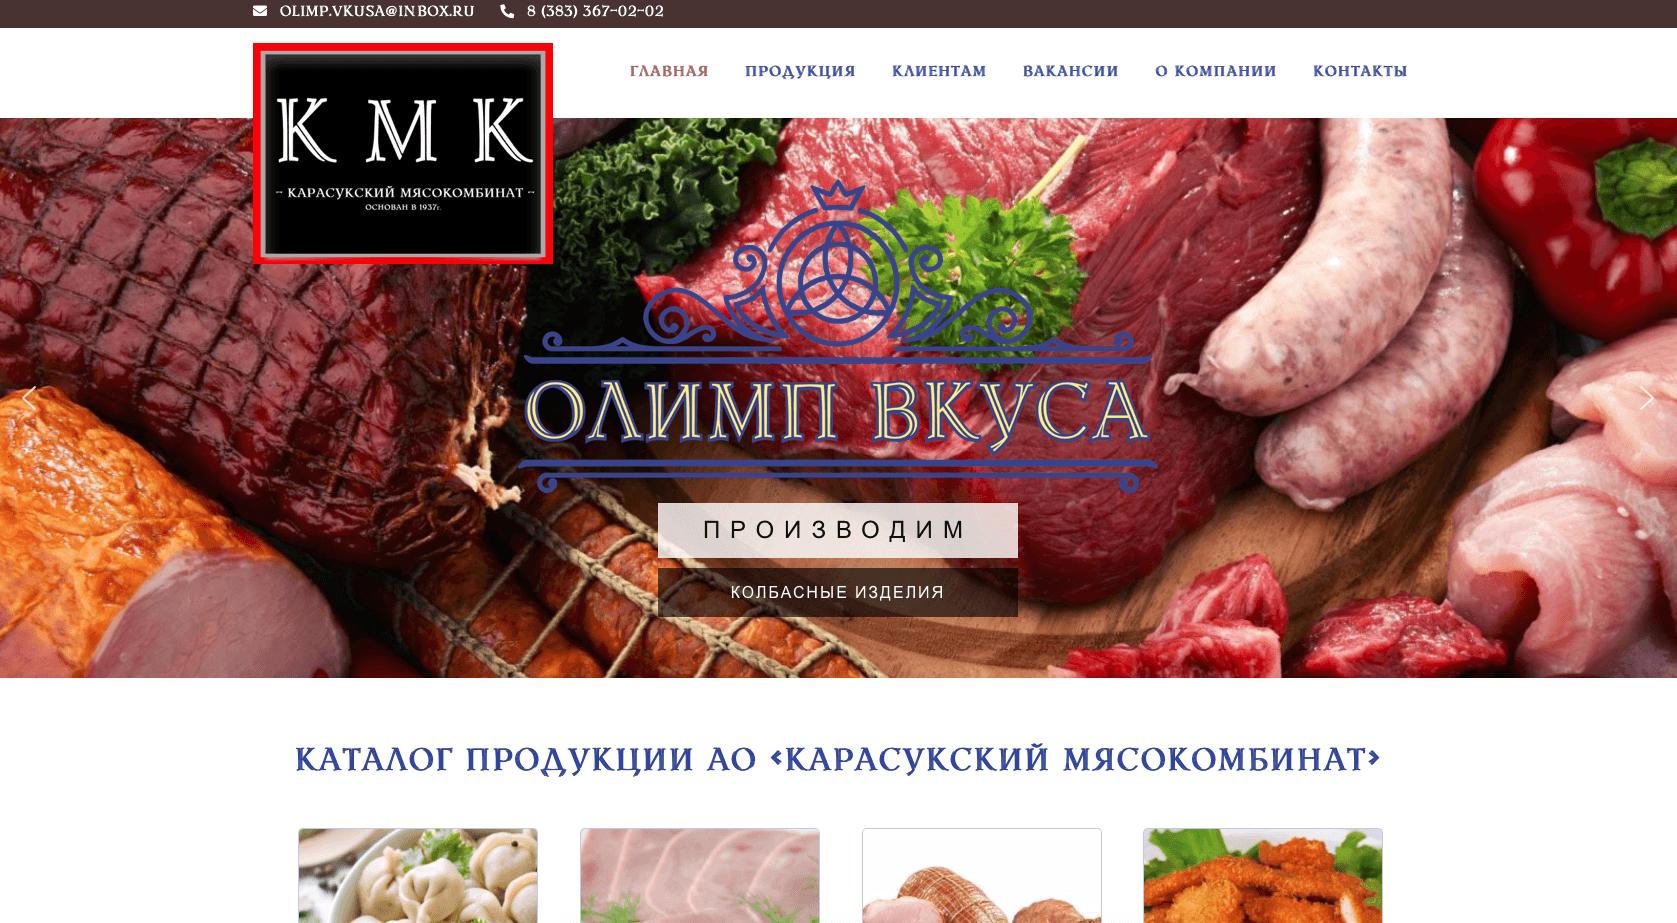 """Разработка сайта для Карасукского мясокомбината, марка """"ОЛИМП ВКУСА"""""""